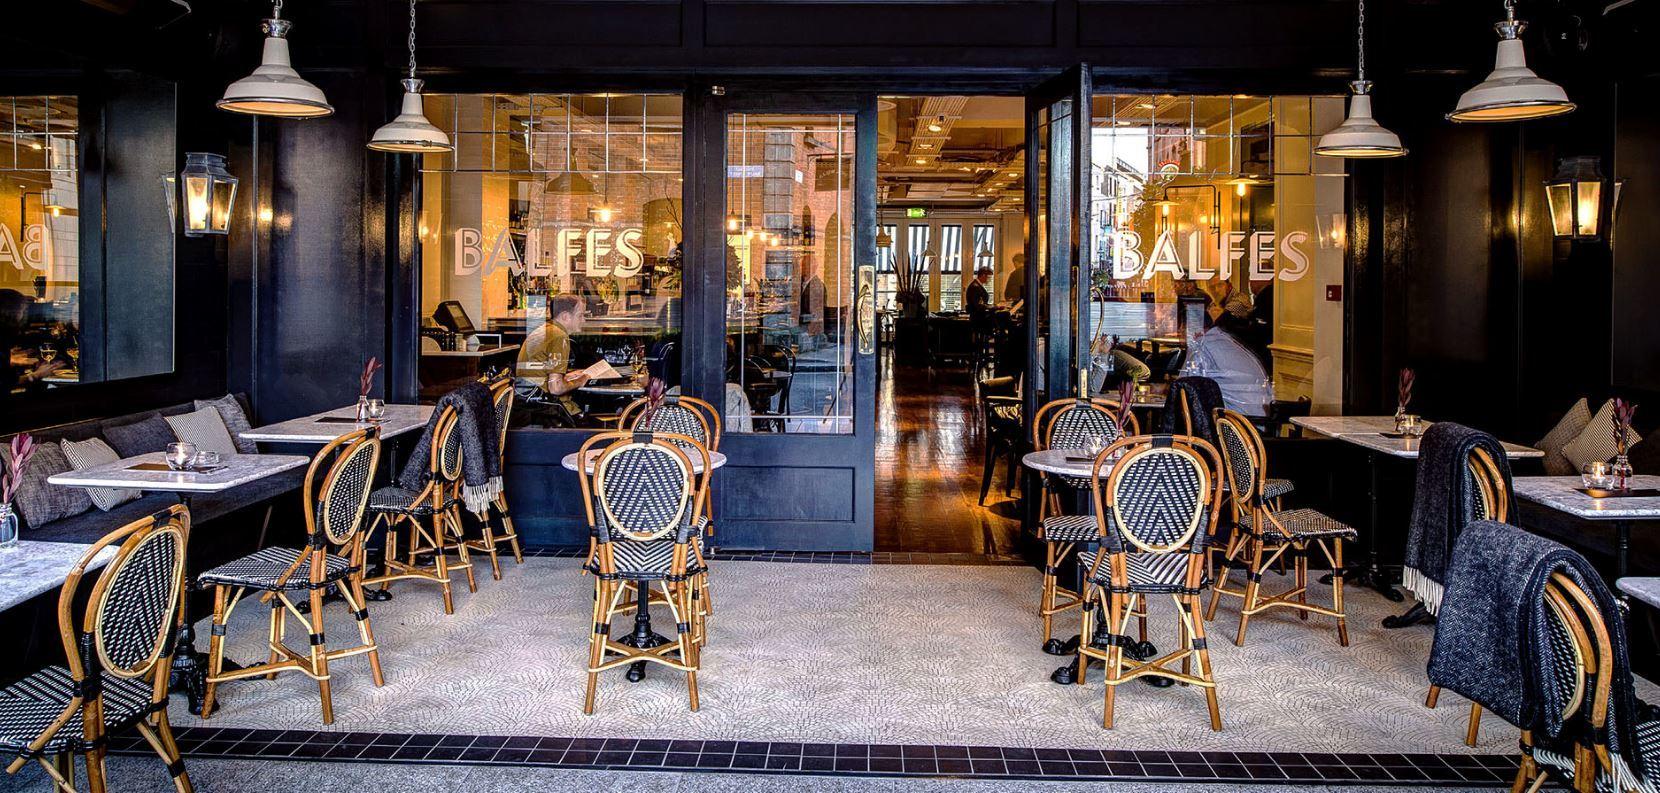 Balfes Brasserie